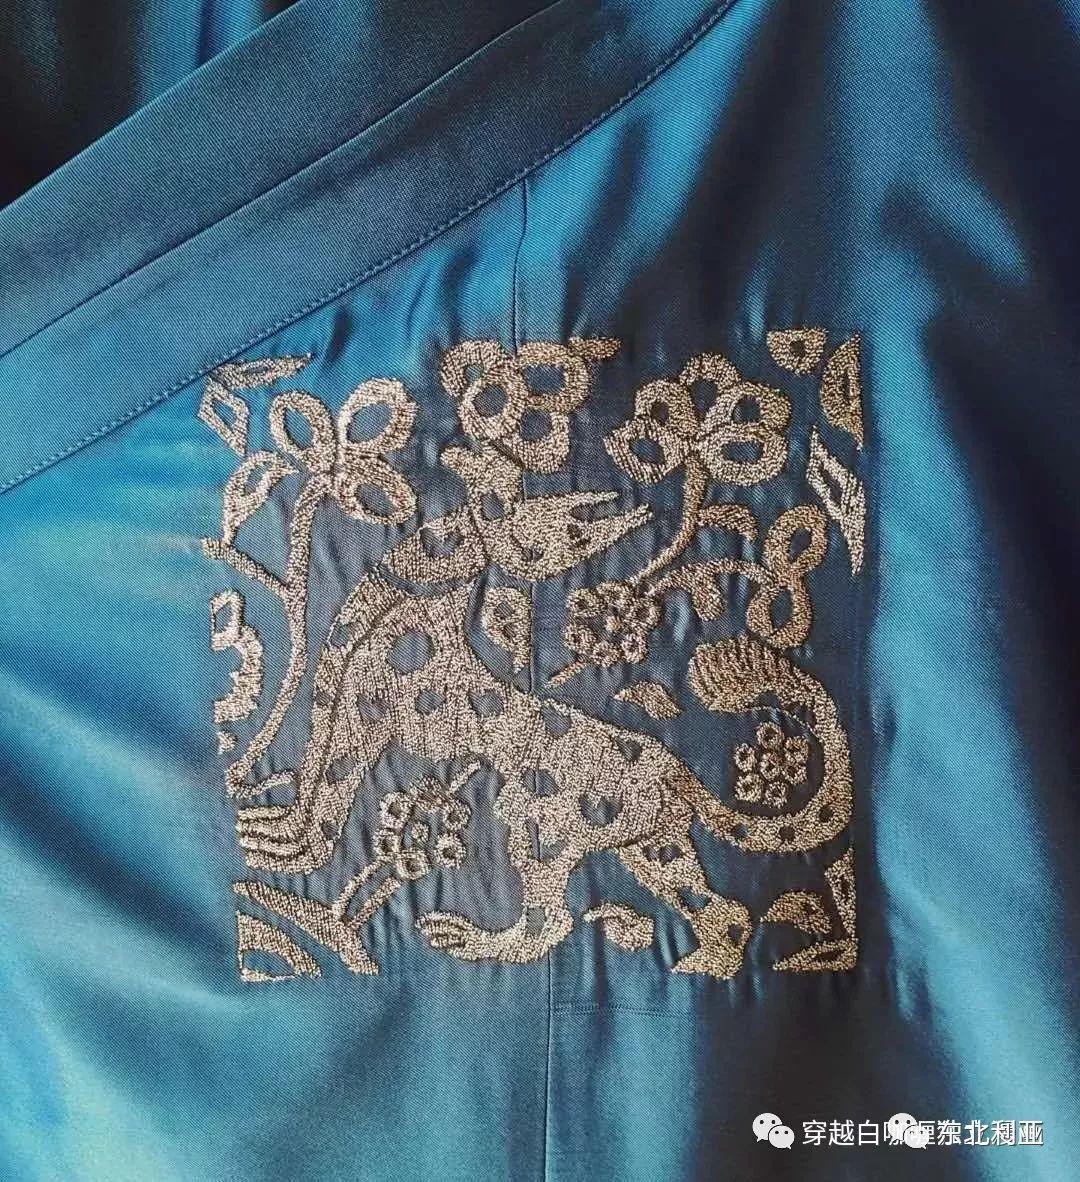 图集丨元代蒙古袍、画作及其复原品 第39张